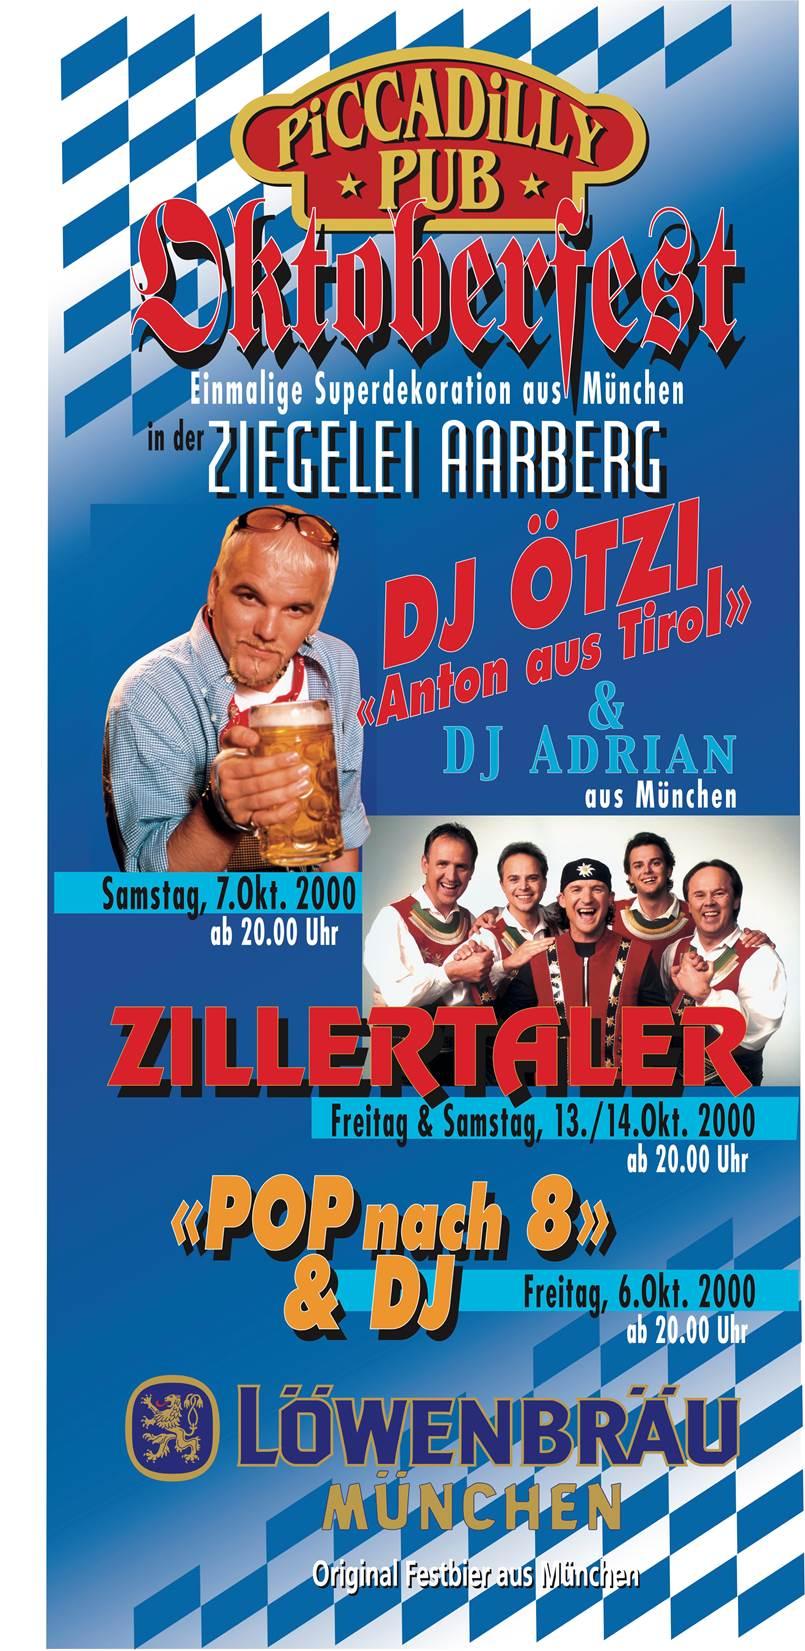 Oktoberfest_Aarberg_2000